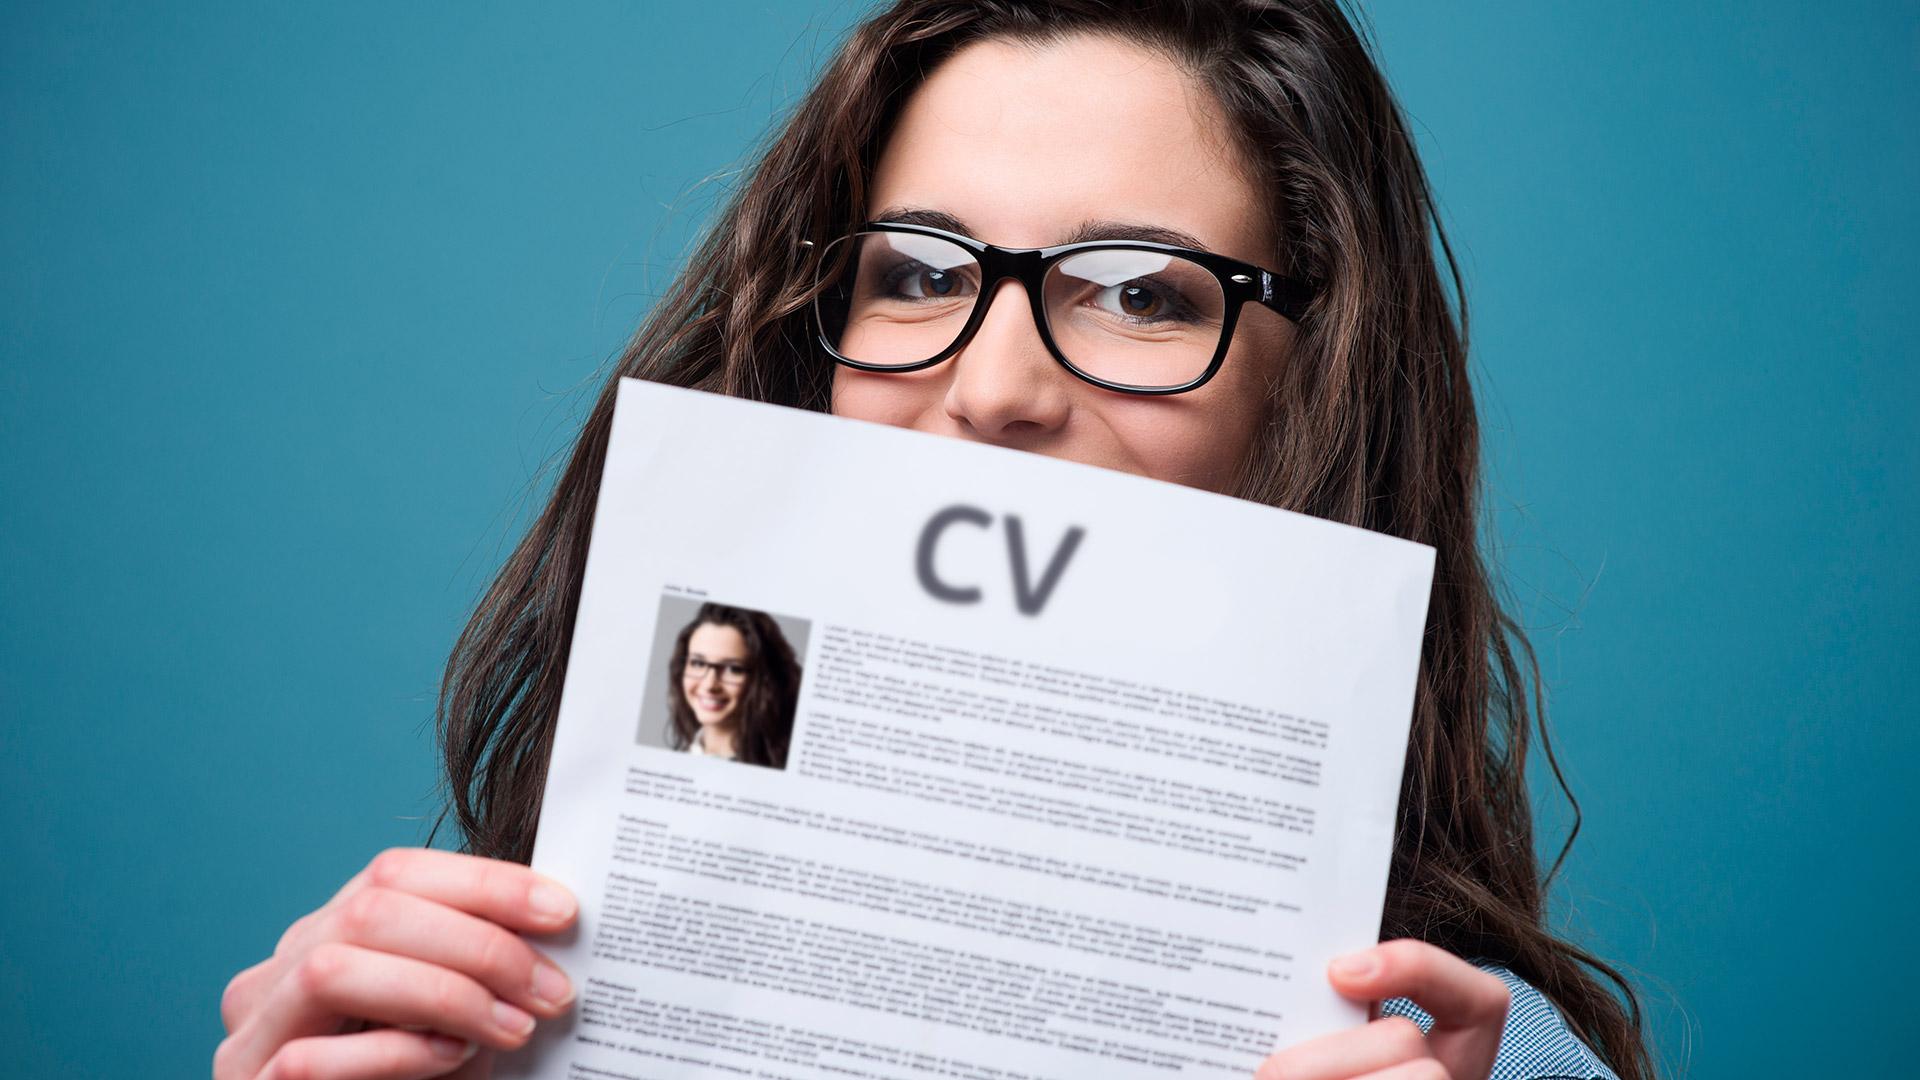 Näin kirjoitat hyvän CV:n